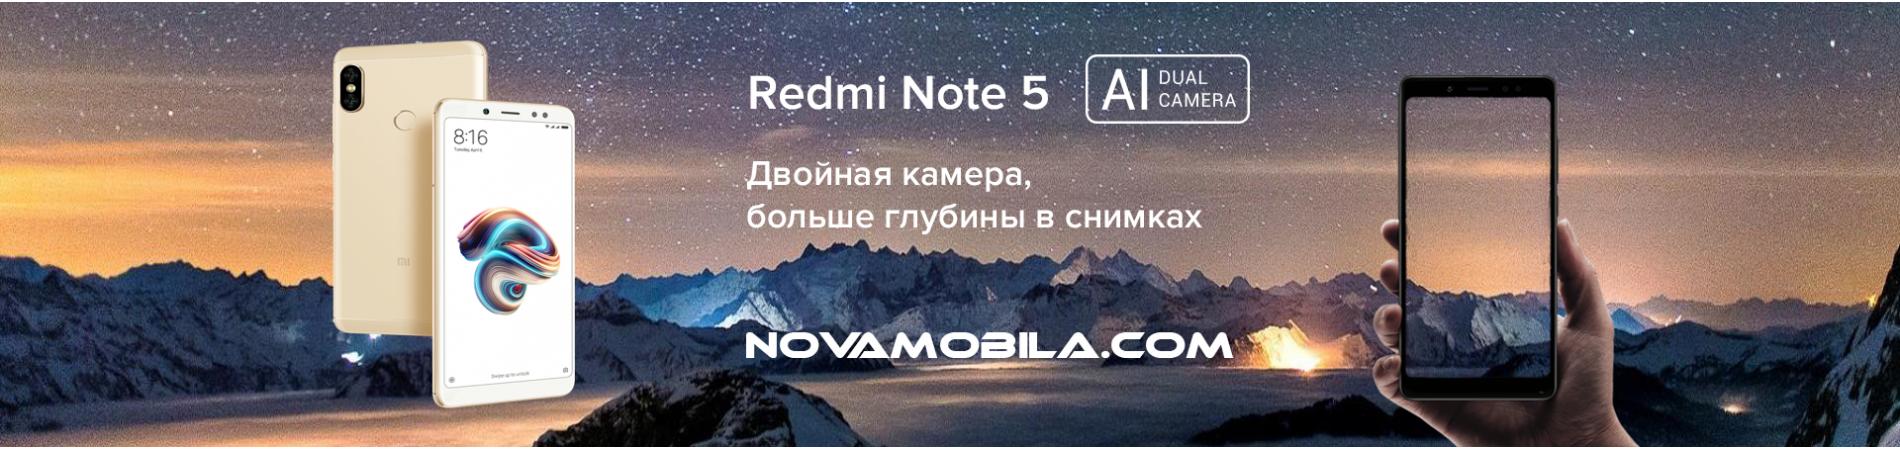 redmi note5